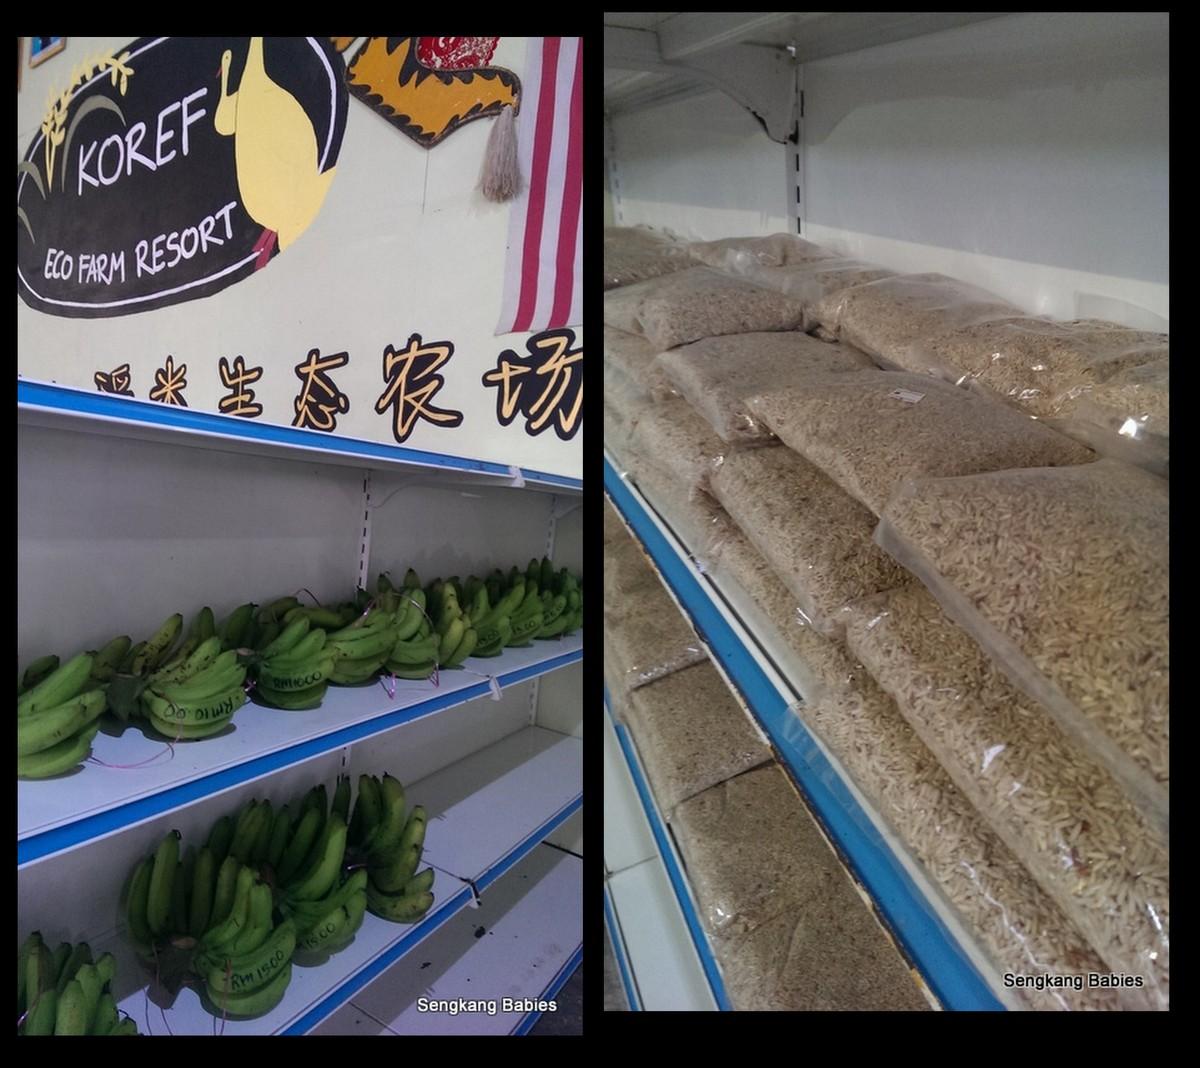 Organic farms Malaysia